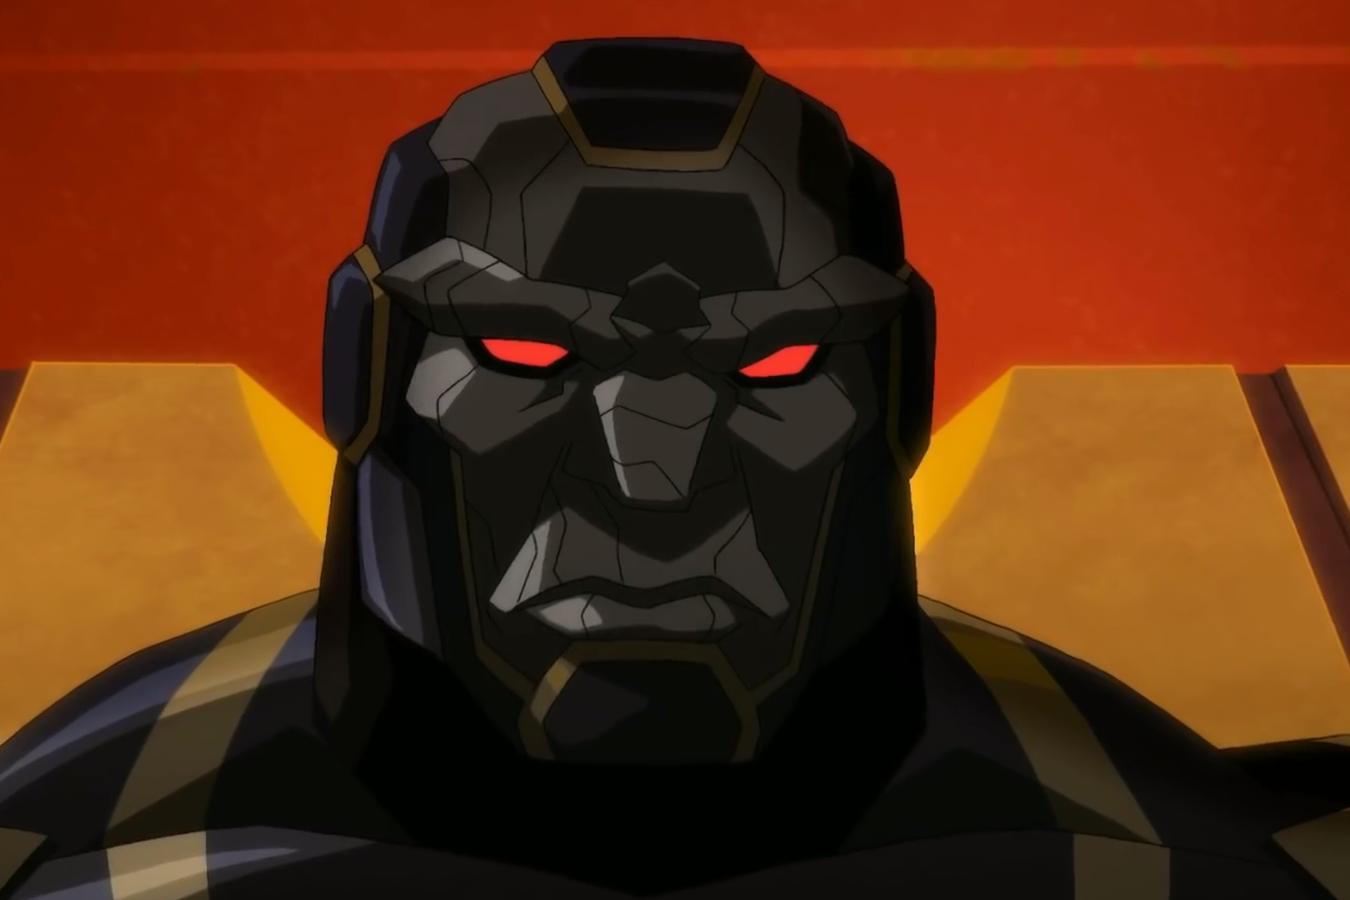 英雄集结共抗天启星大军,《黑暗正义联盟》动画新作公布预告